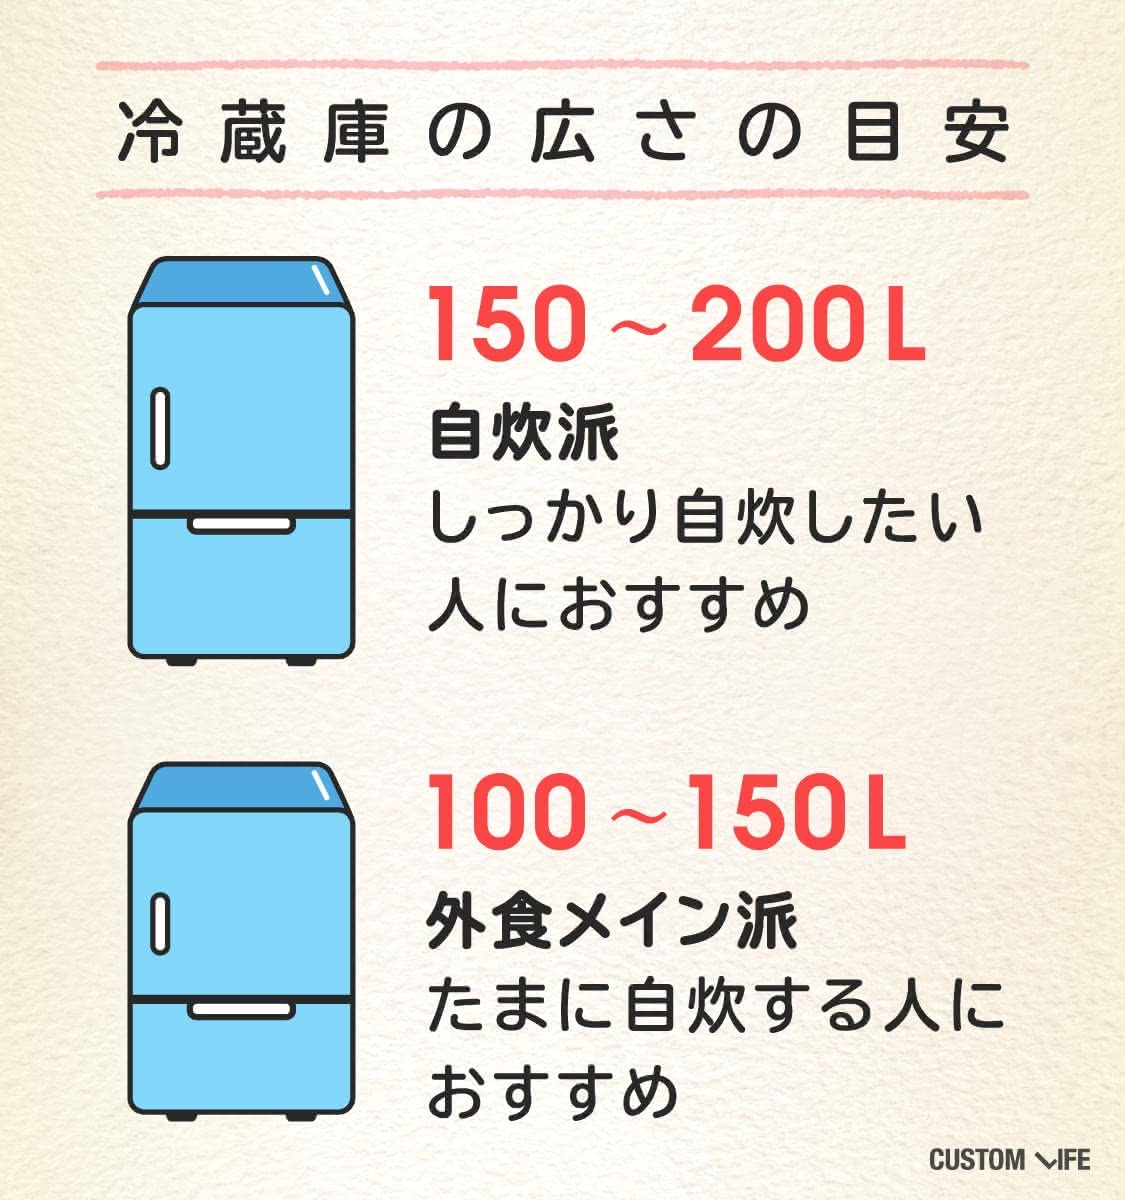 自炊派は150~200L、外食メイン派は100~150Lがおすすめ